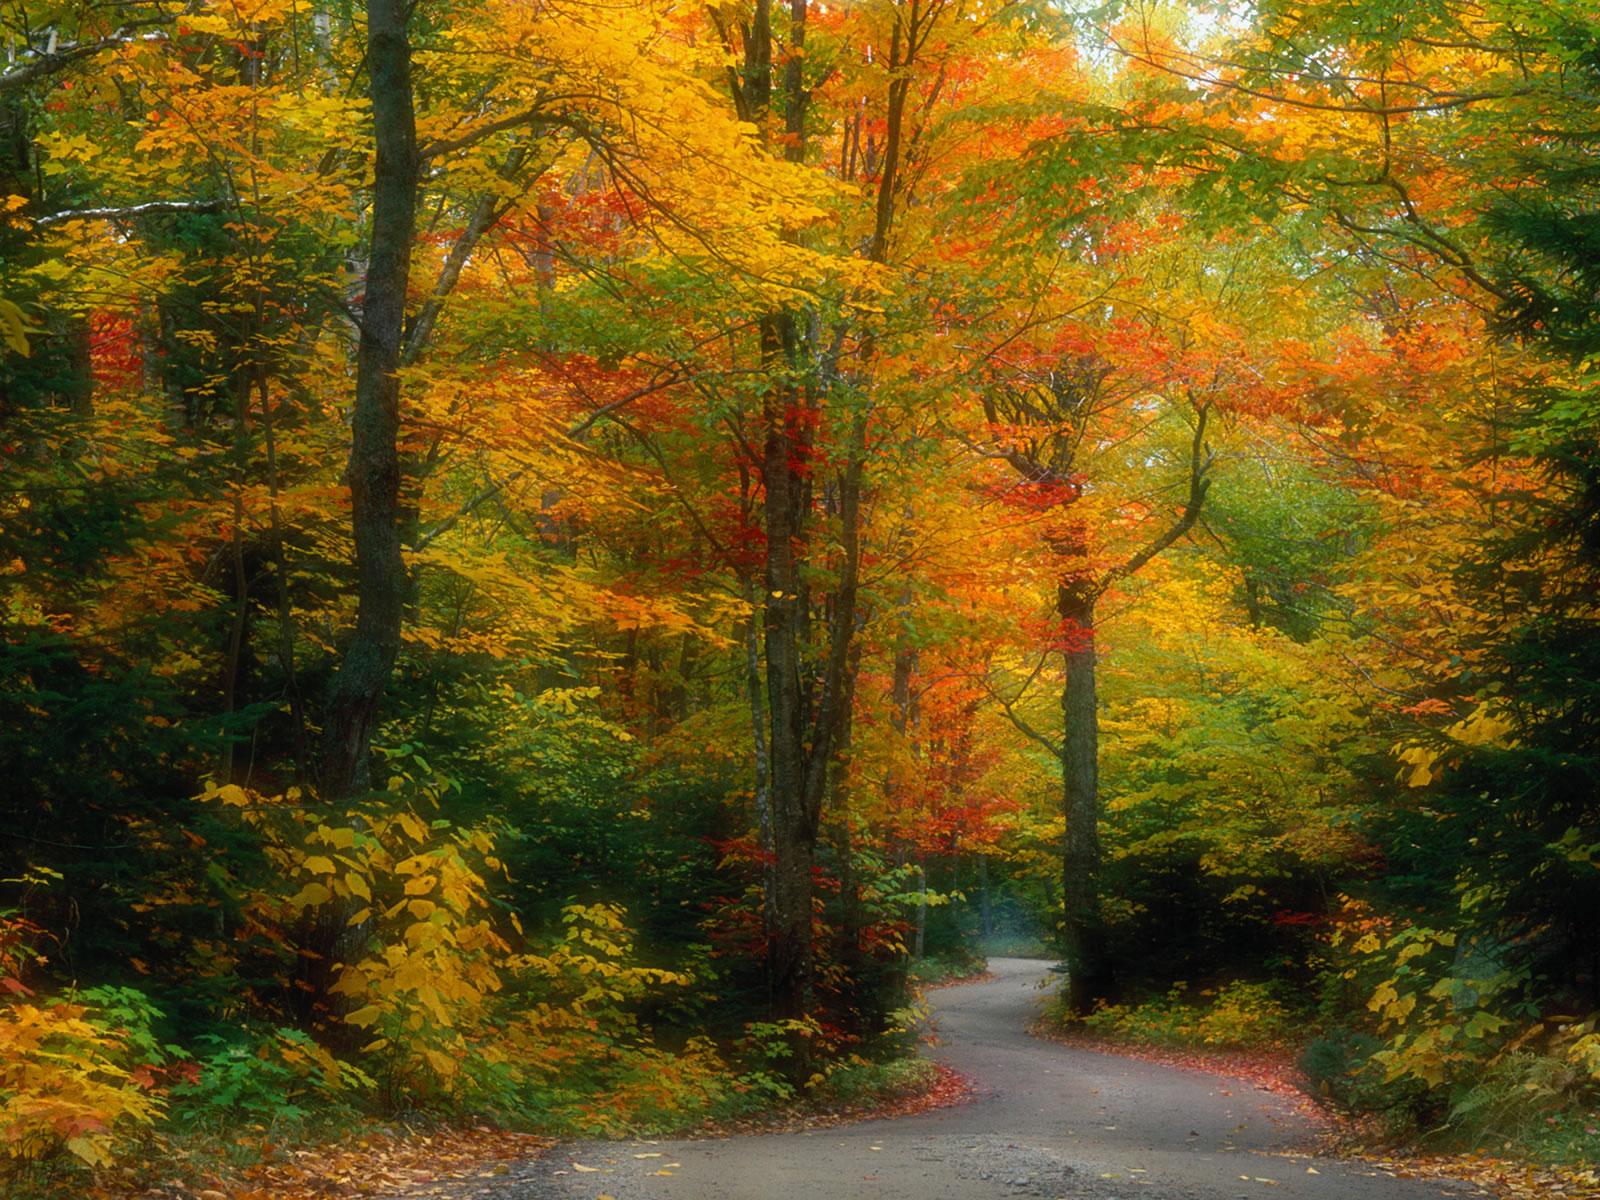 Картинка, Лес, скачать фото на рабочий стол и обои леса.